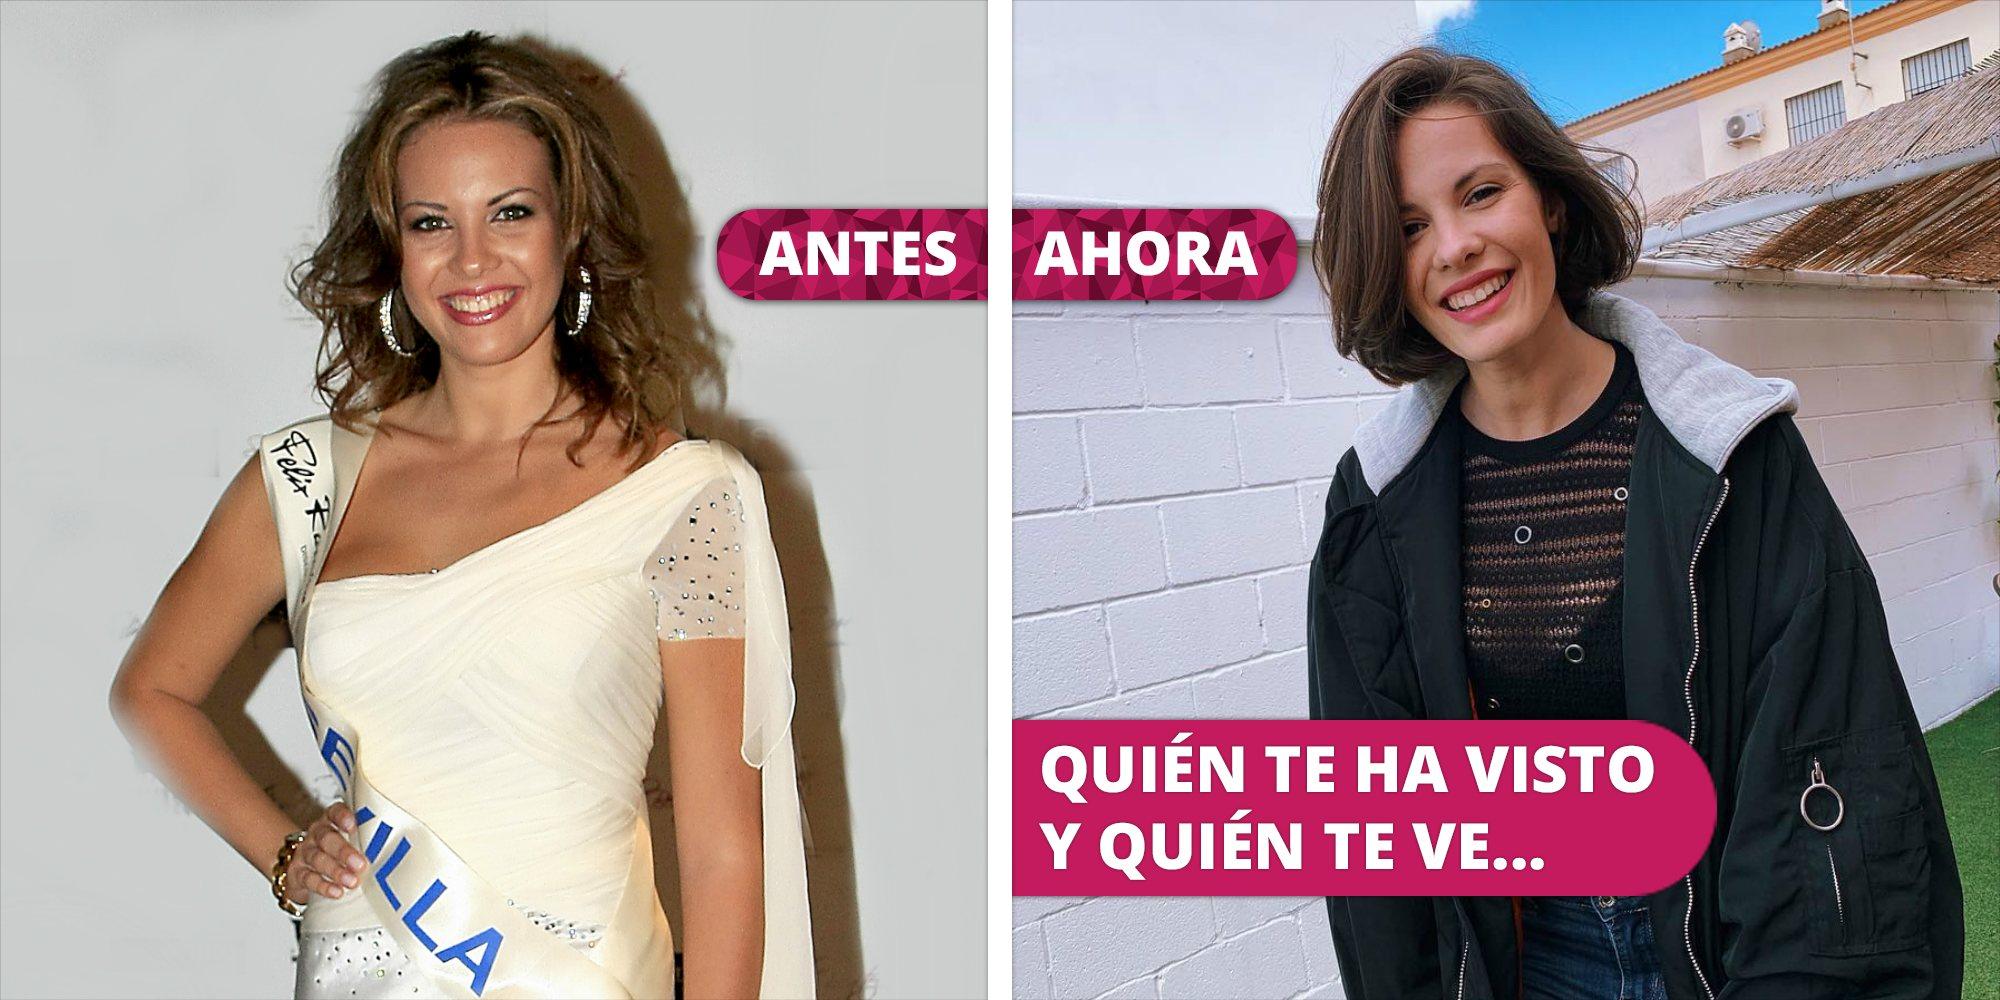 Así ha cambiado Jessica Bueno: De Miss Sevilla 2009 a su discreta vida junto a Jota Peleteiro y sus hijos